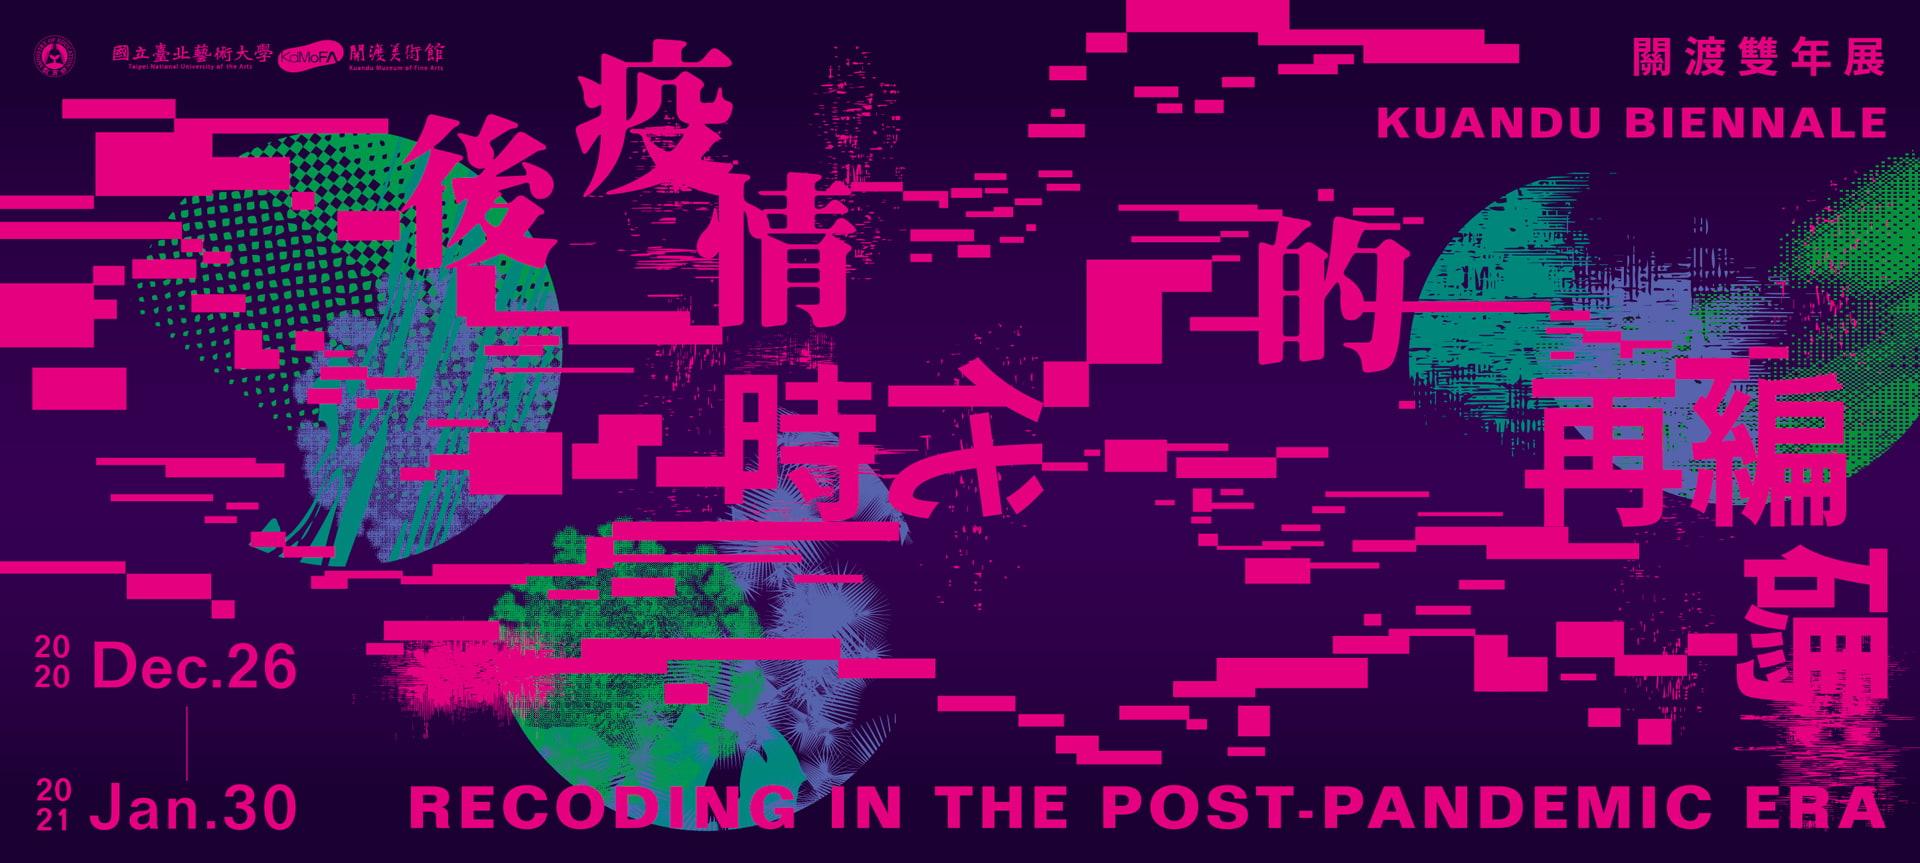 2020關渡雙年展 — 「後疫情時代的再編碼」線上直播系列講座 / 唐鳳 X 黃建宏